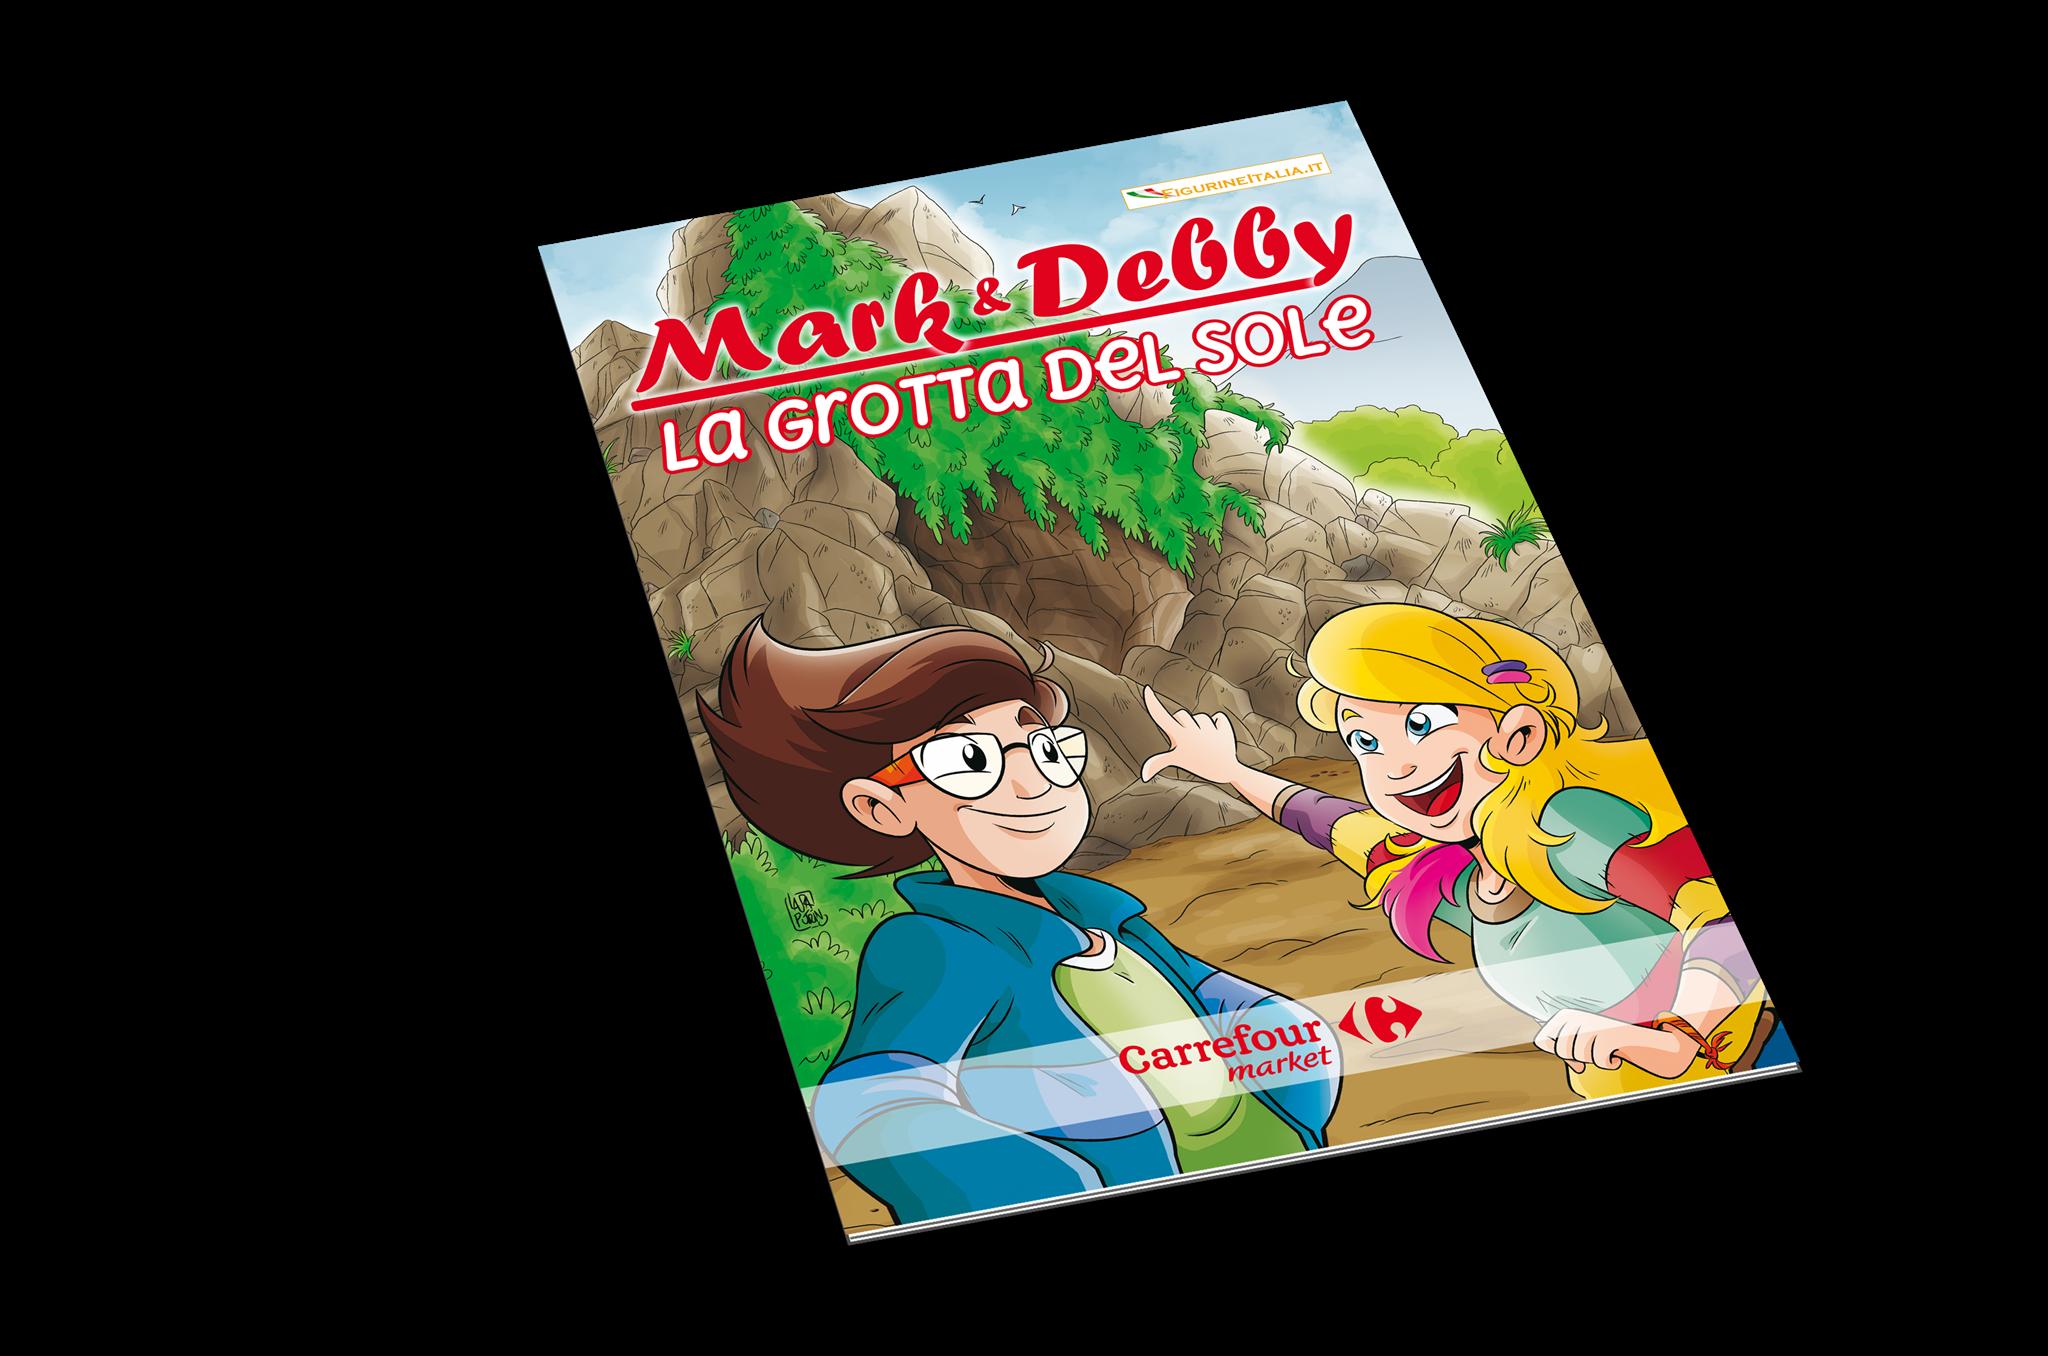 Mark & Debby la grotta del sole: copertina dell'album